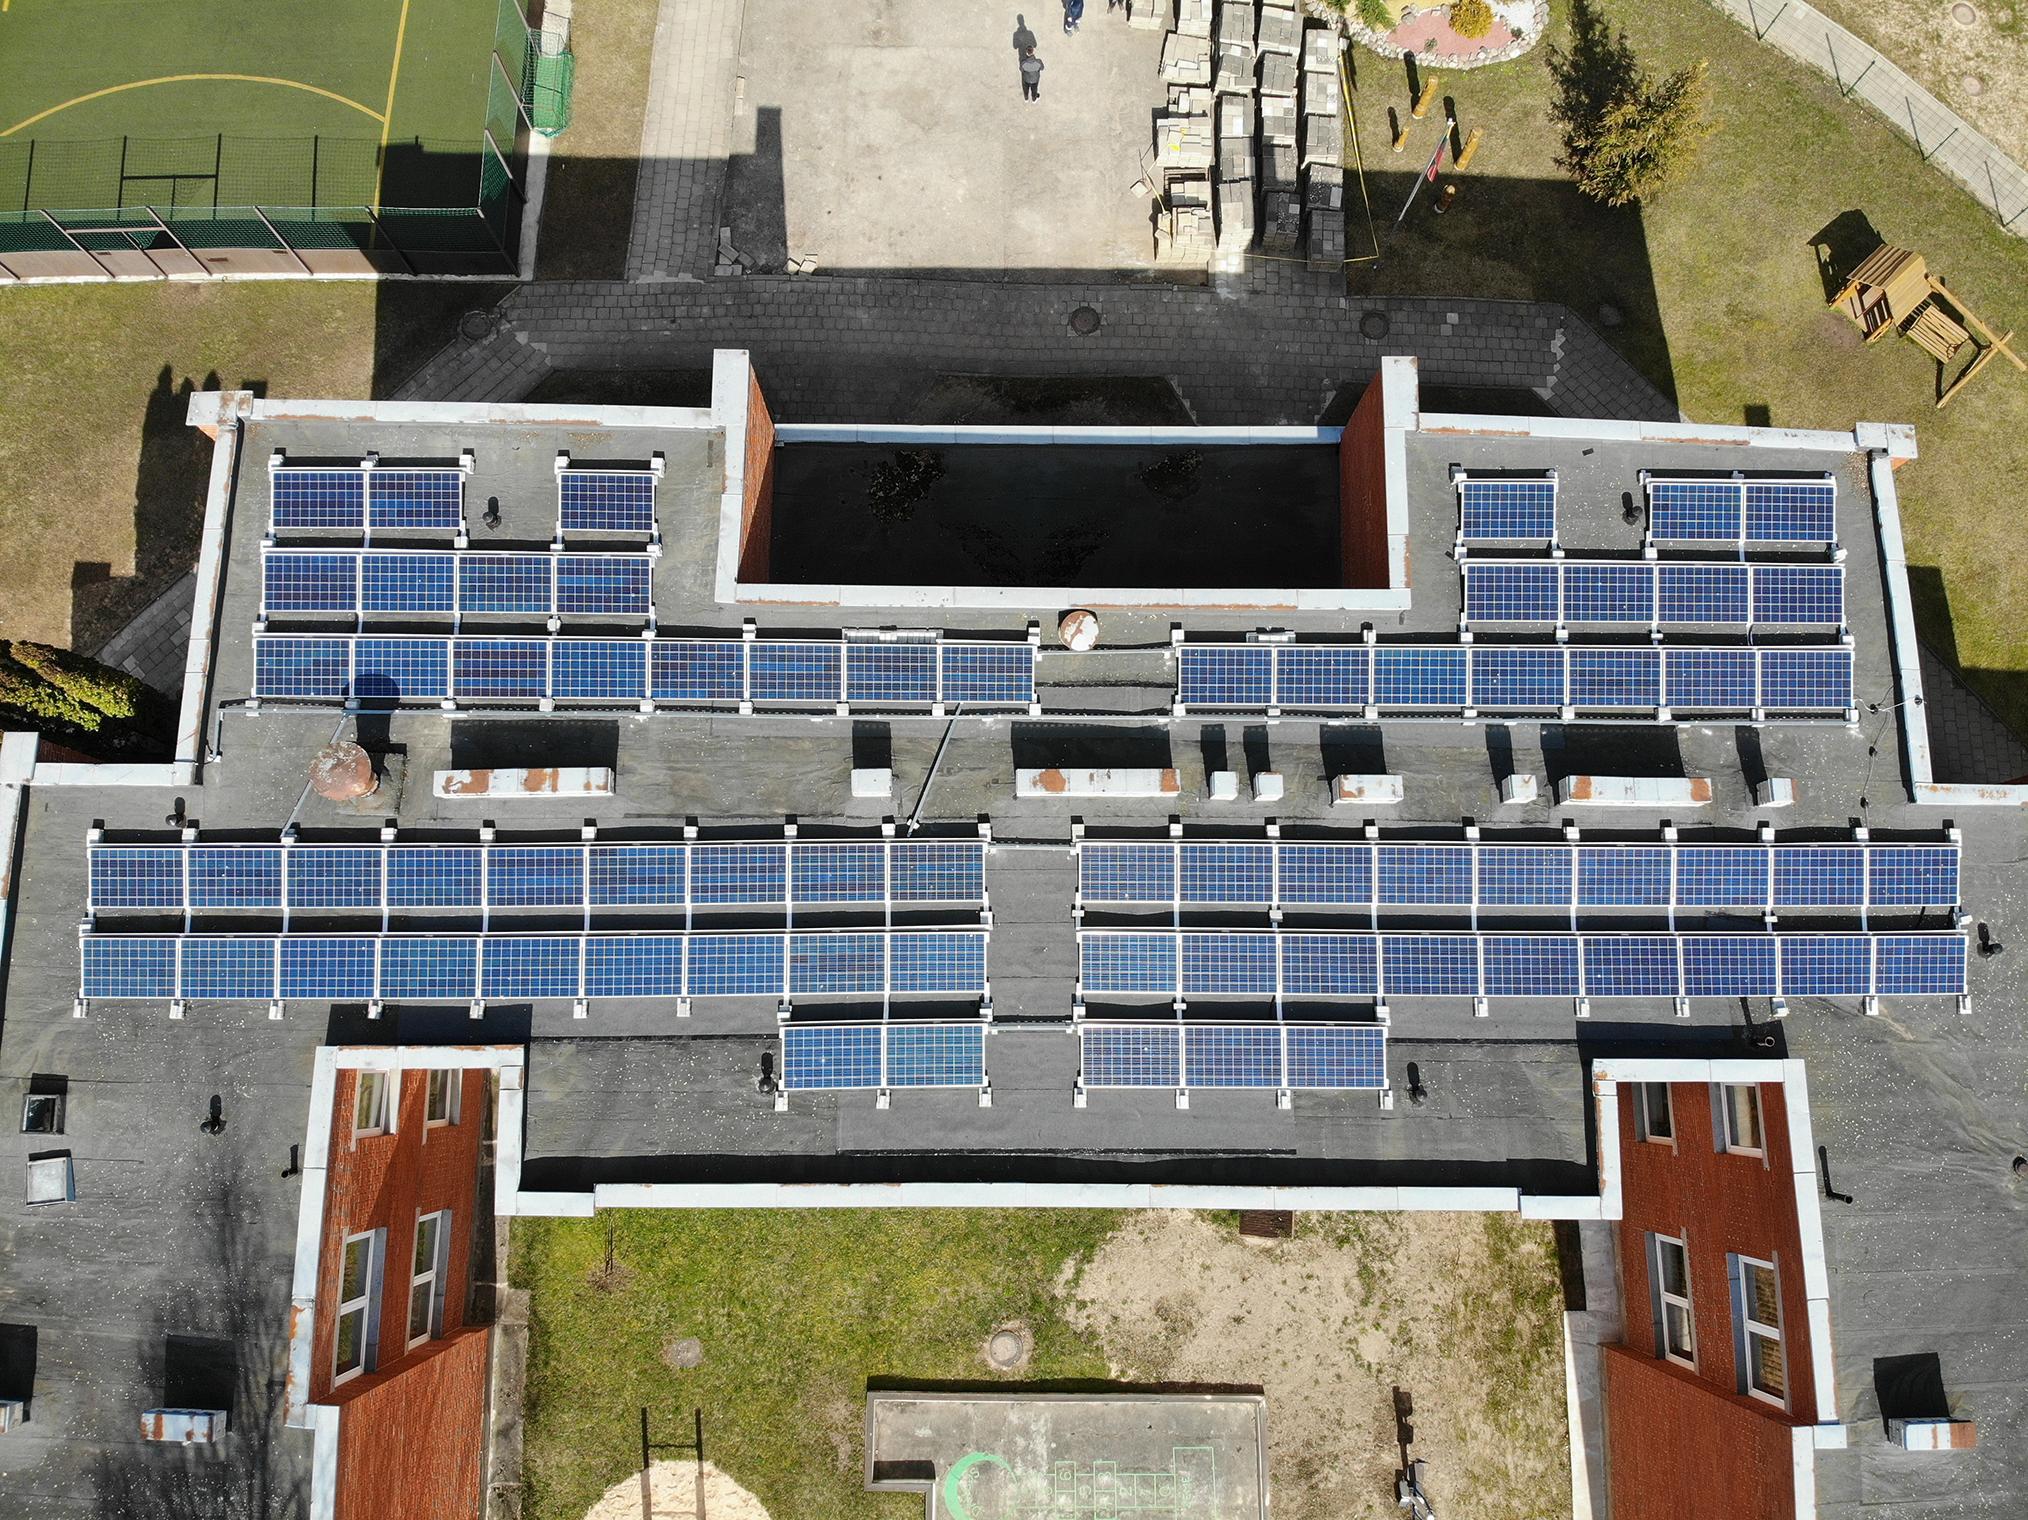 Raport: Własna instalacja fotowoltaiczna sposób na niezależność energetyczną przedsiębiorstw